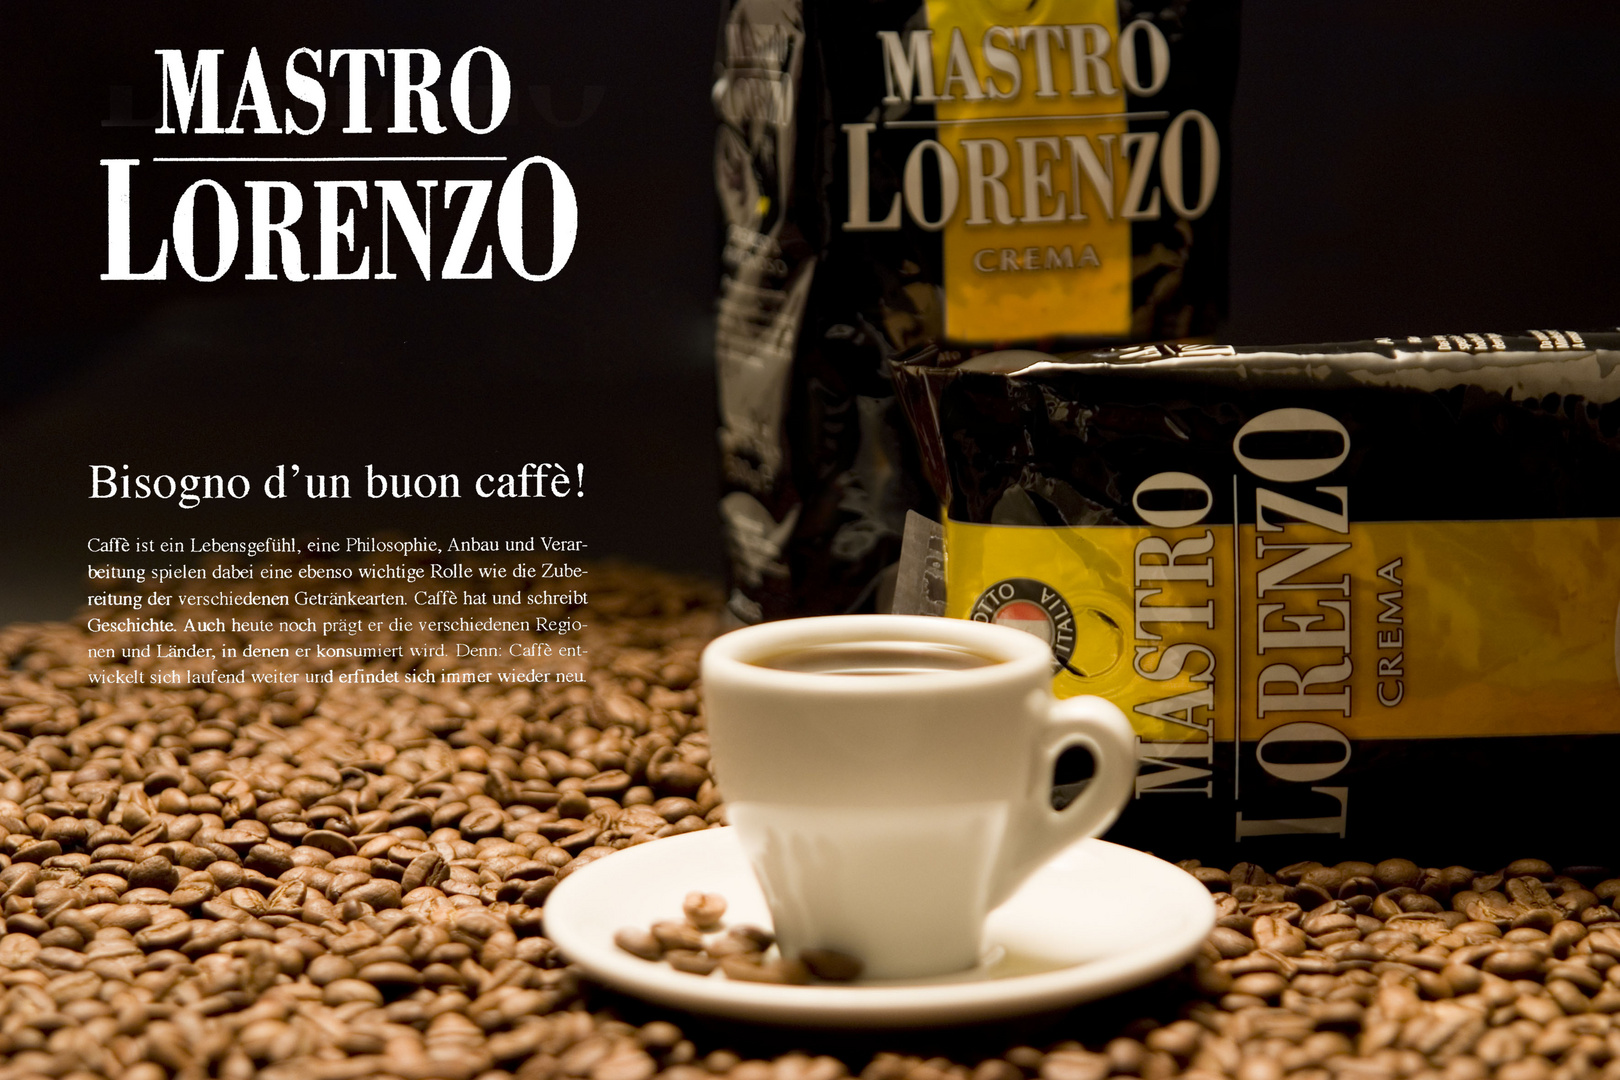 mastro lorenzo